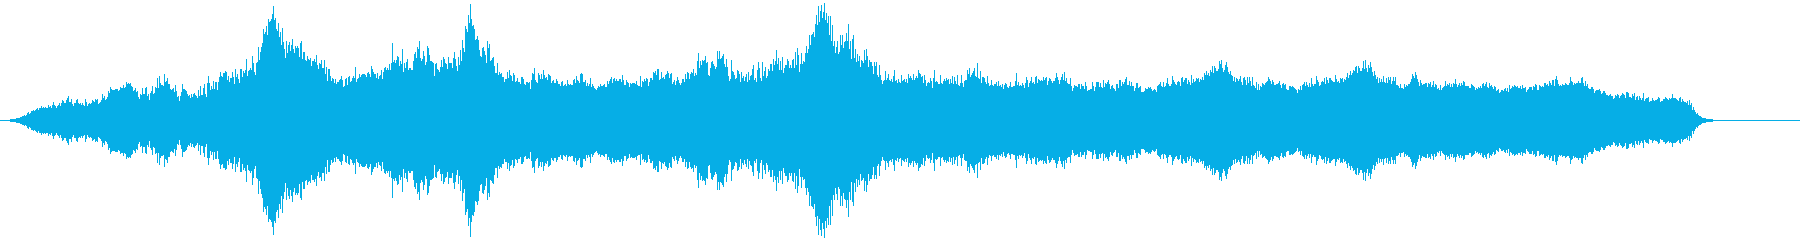 安定した低サブベル、低サブのロングベルの再生済みの波形